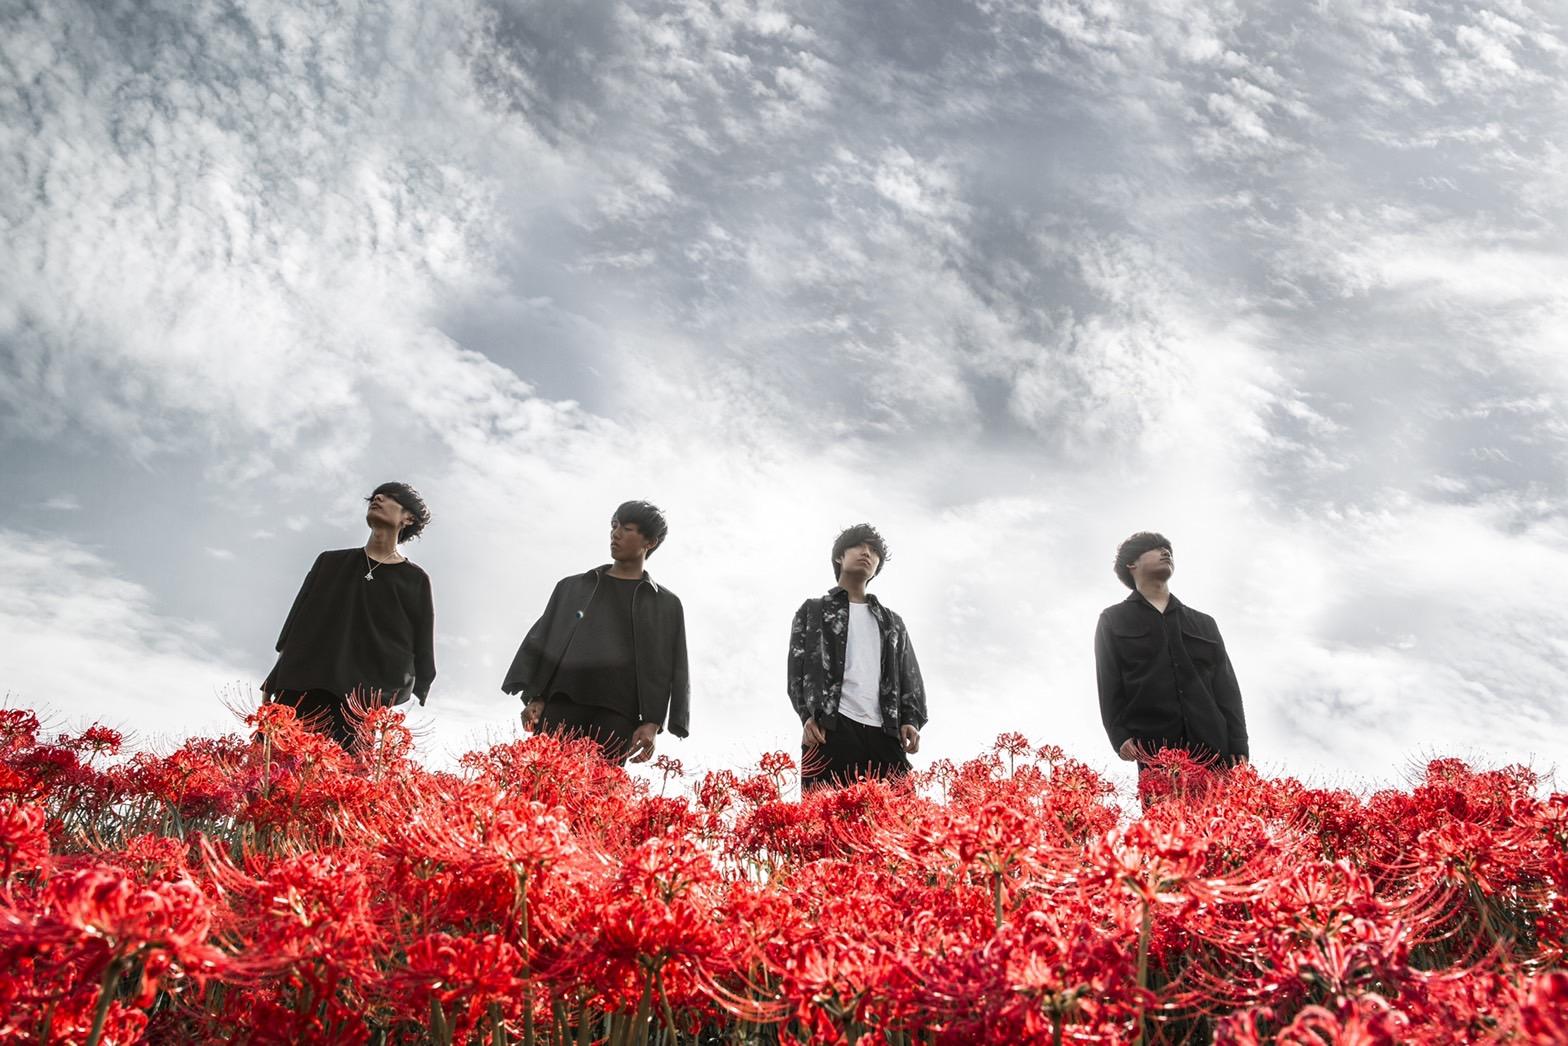 【注目の学生アーティスト】三重県発! バンド・Beard Brown、「UVERworldの憧れて音楽を始めた」